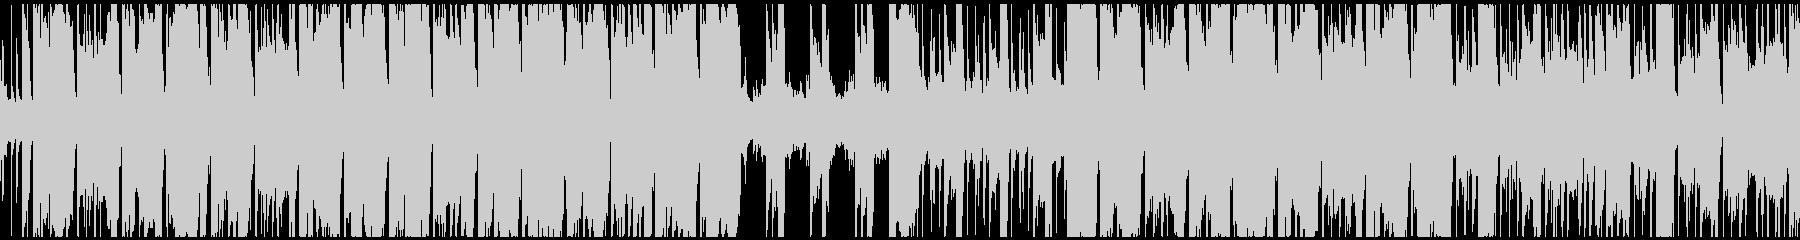 ファンキーなギターリフ、ループ仕様の未再生の波形